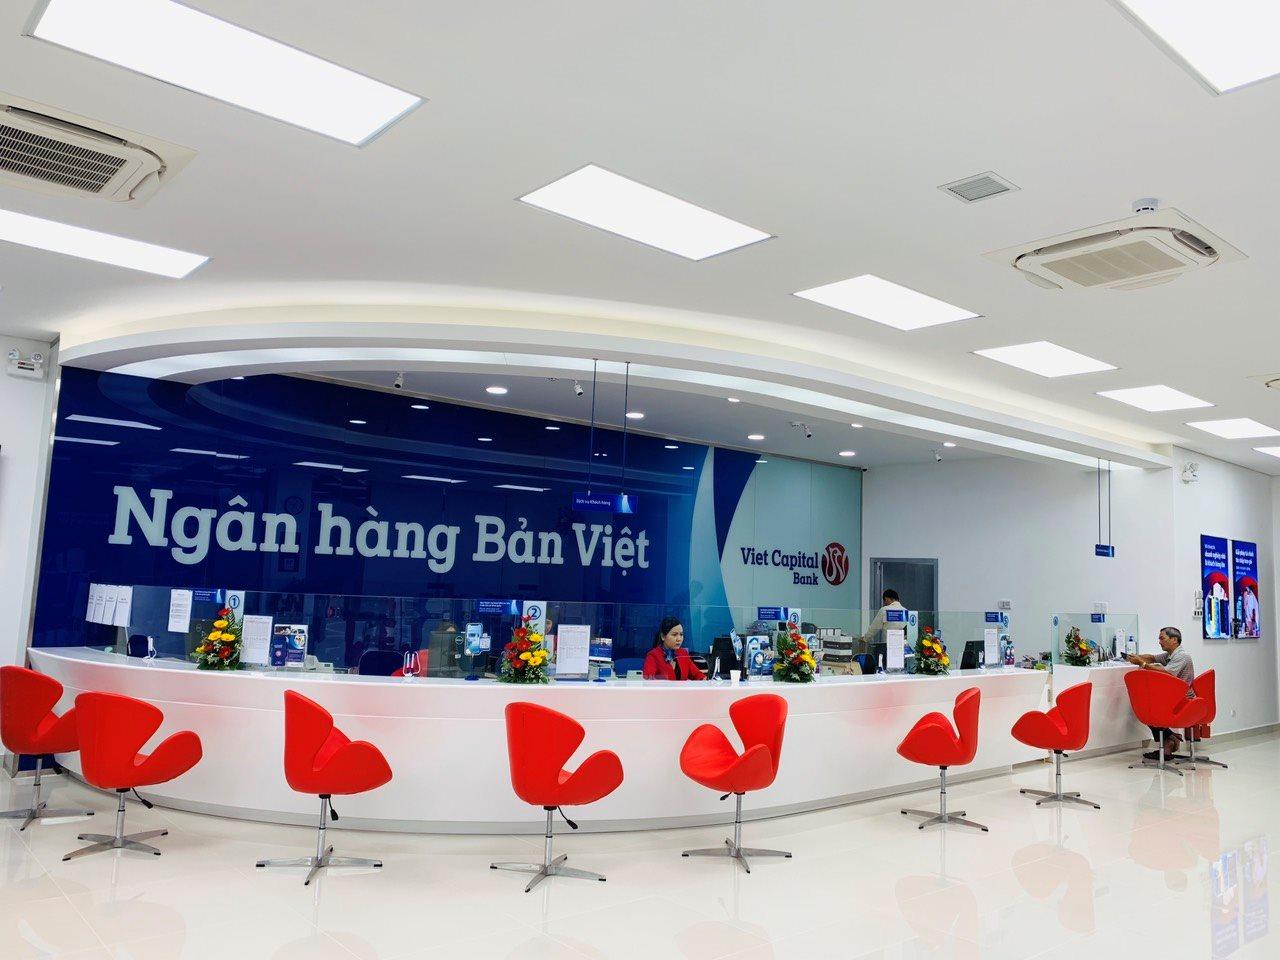 Ngân hàng Bản Việt